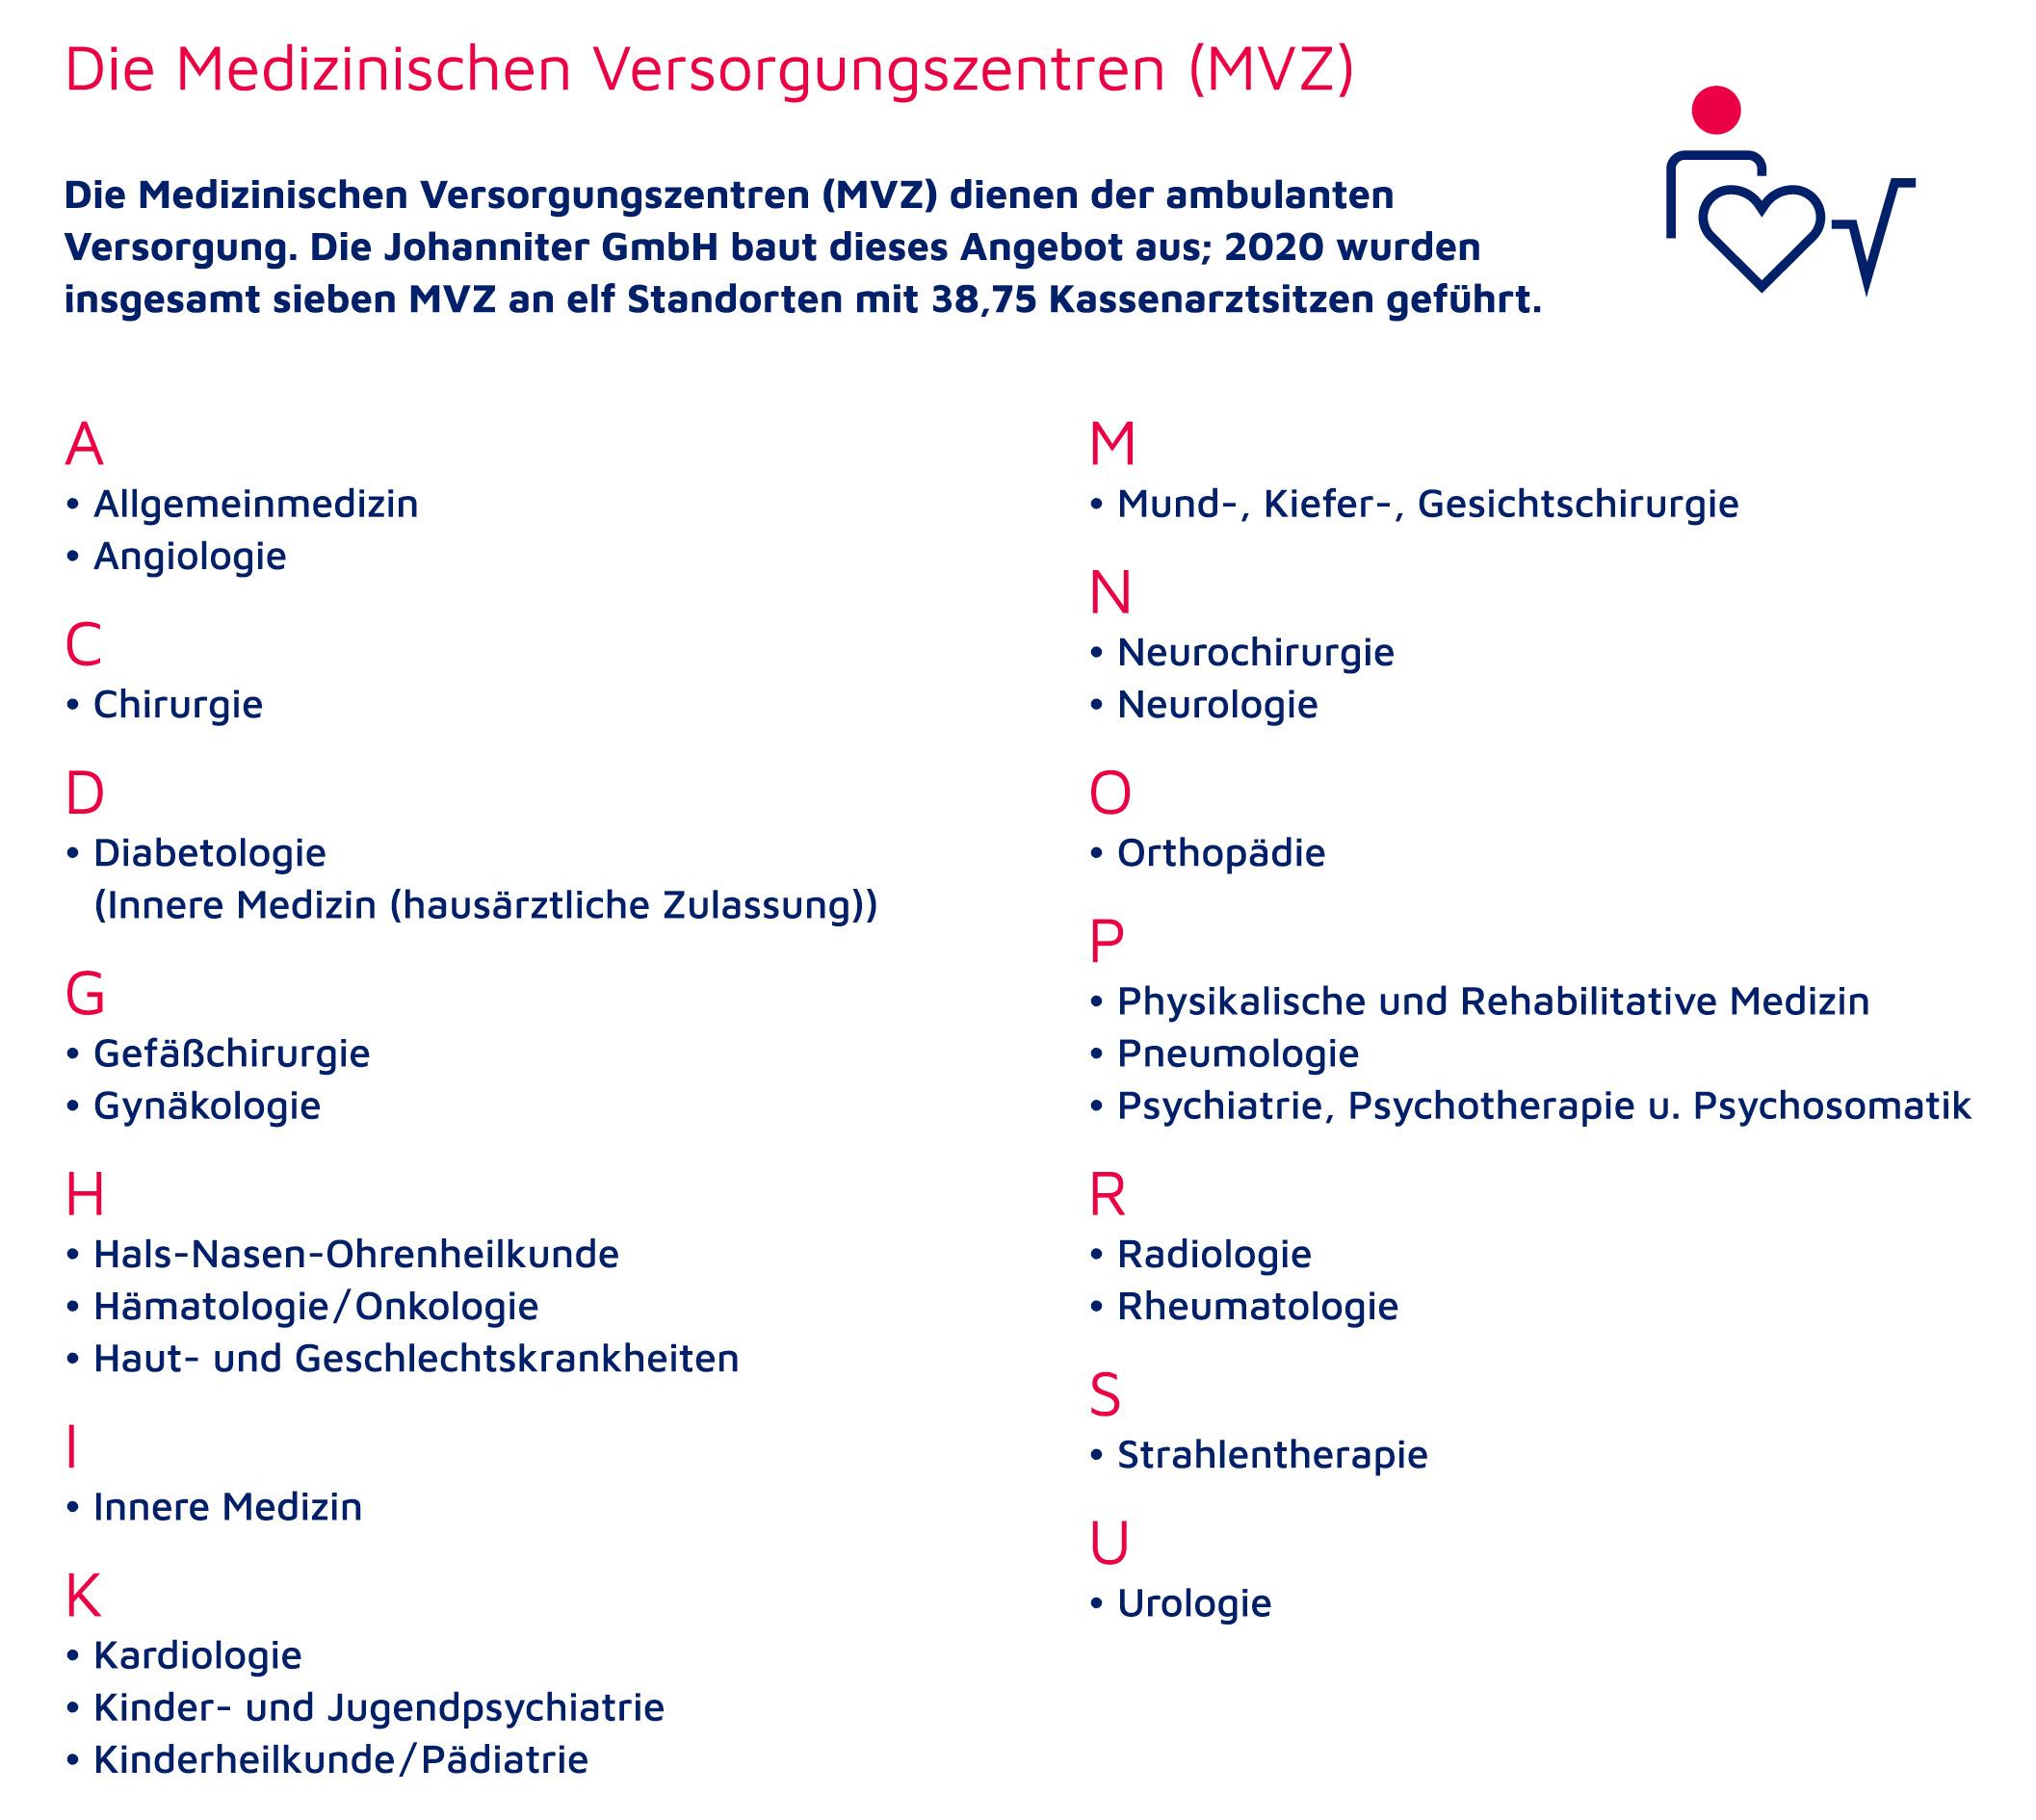 Leistungsspektrum der Medizinischen Versorgungszentren (MVZ)